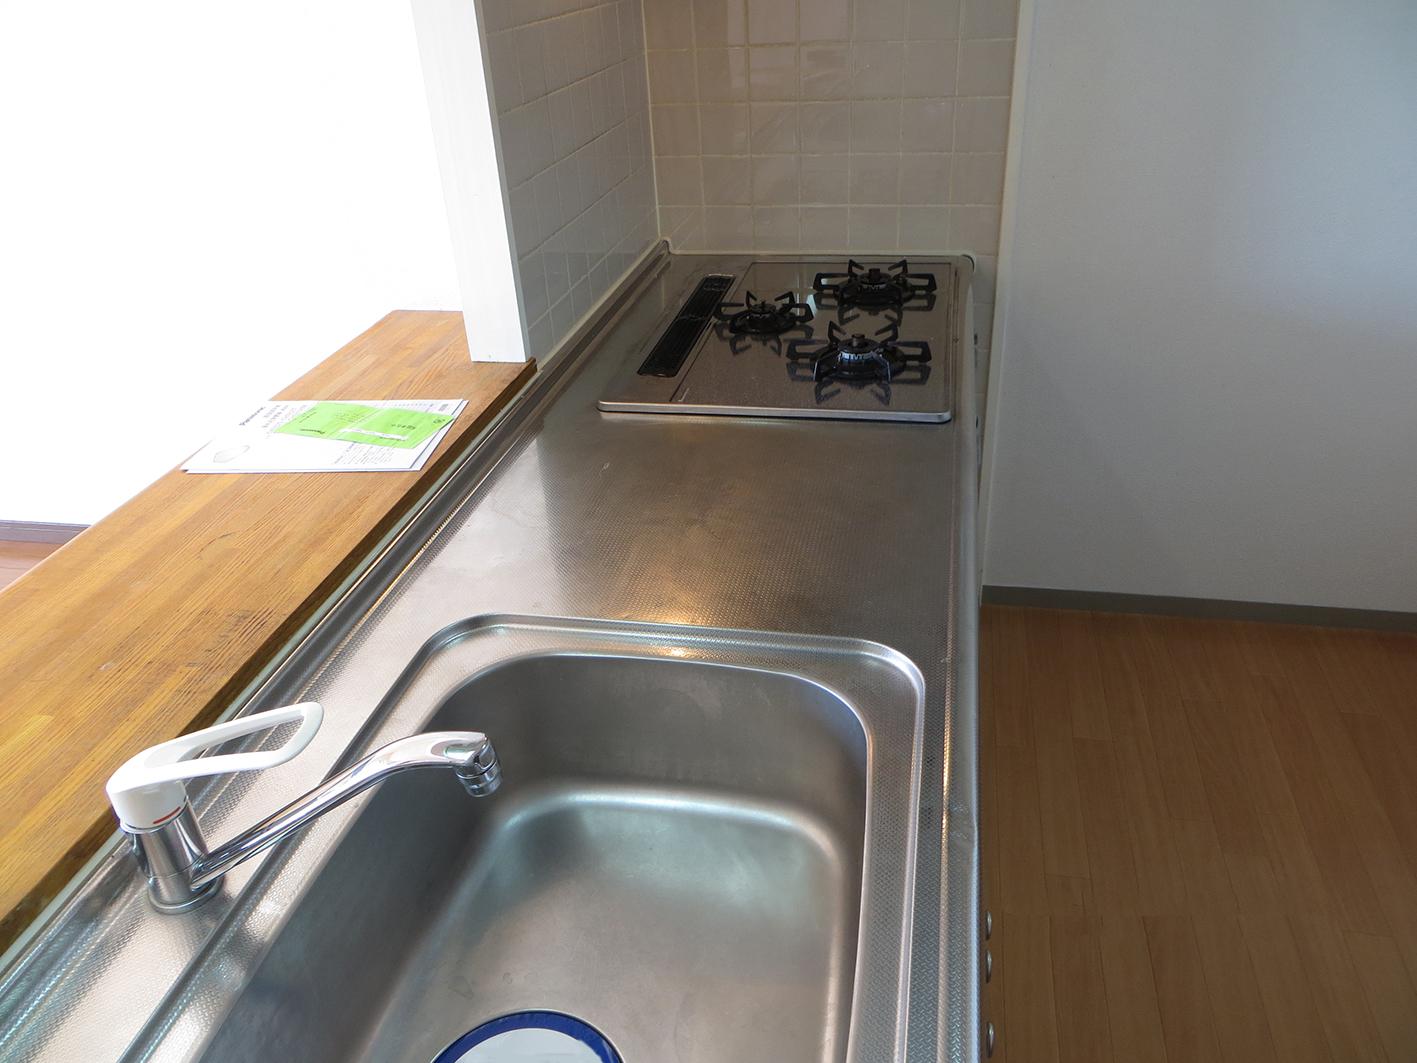 シート貼りで大変身!キッチン天板をステンレスから大理石調へイメージチェンジ・空室対策前